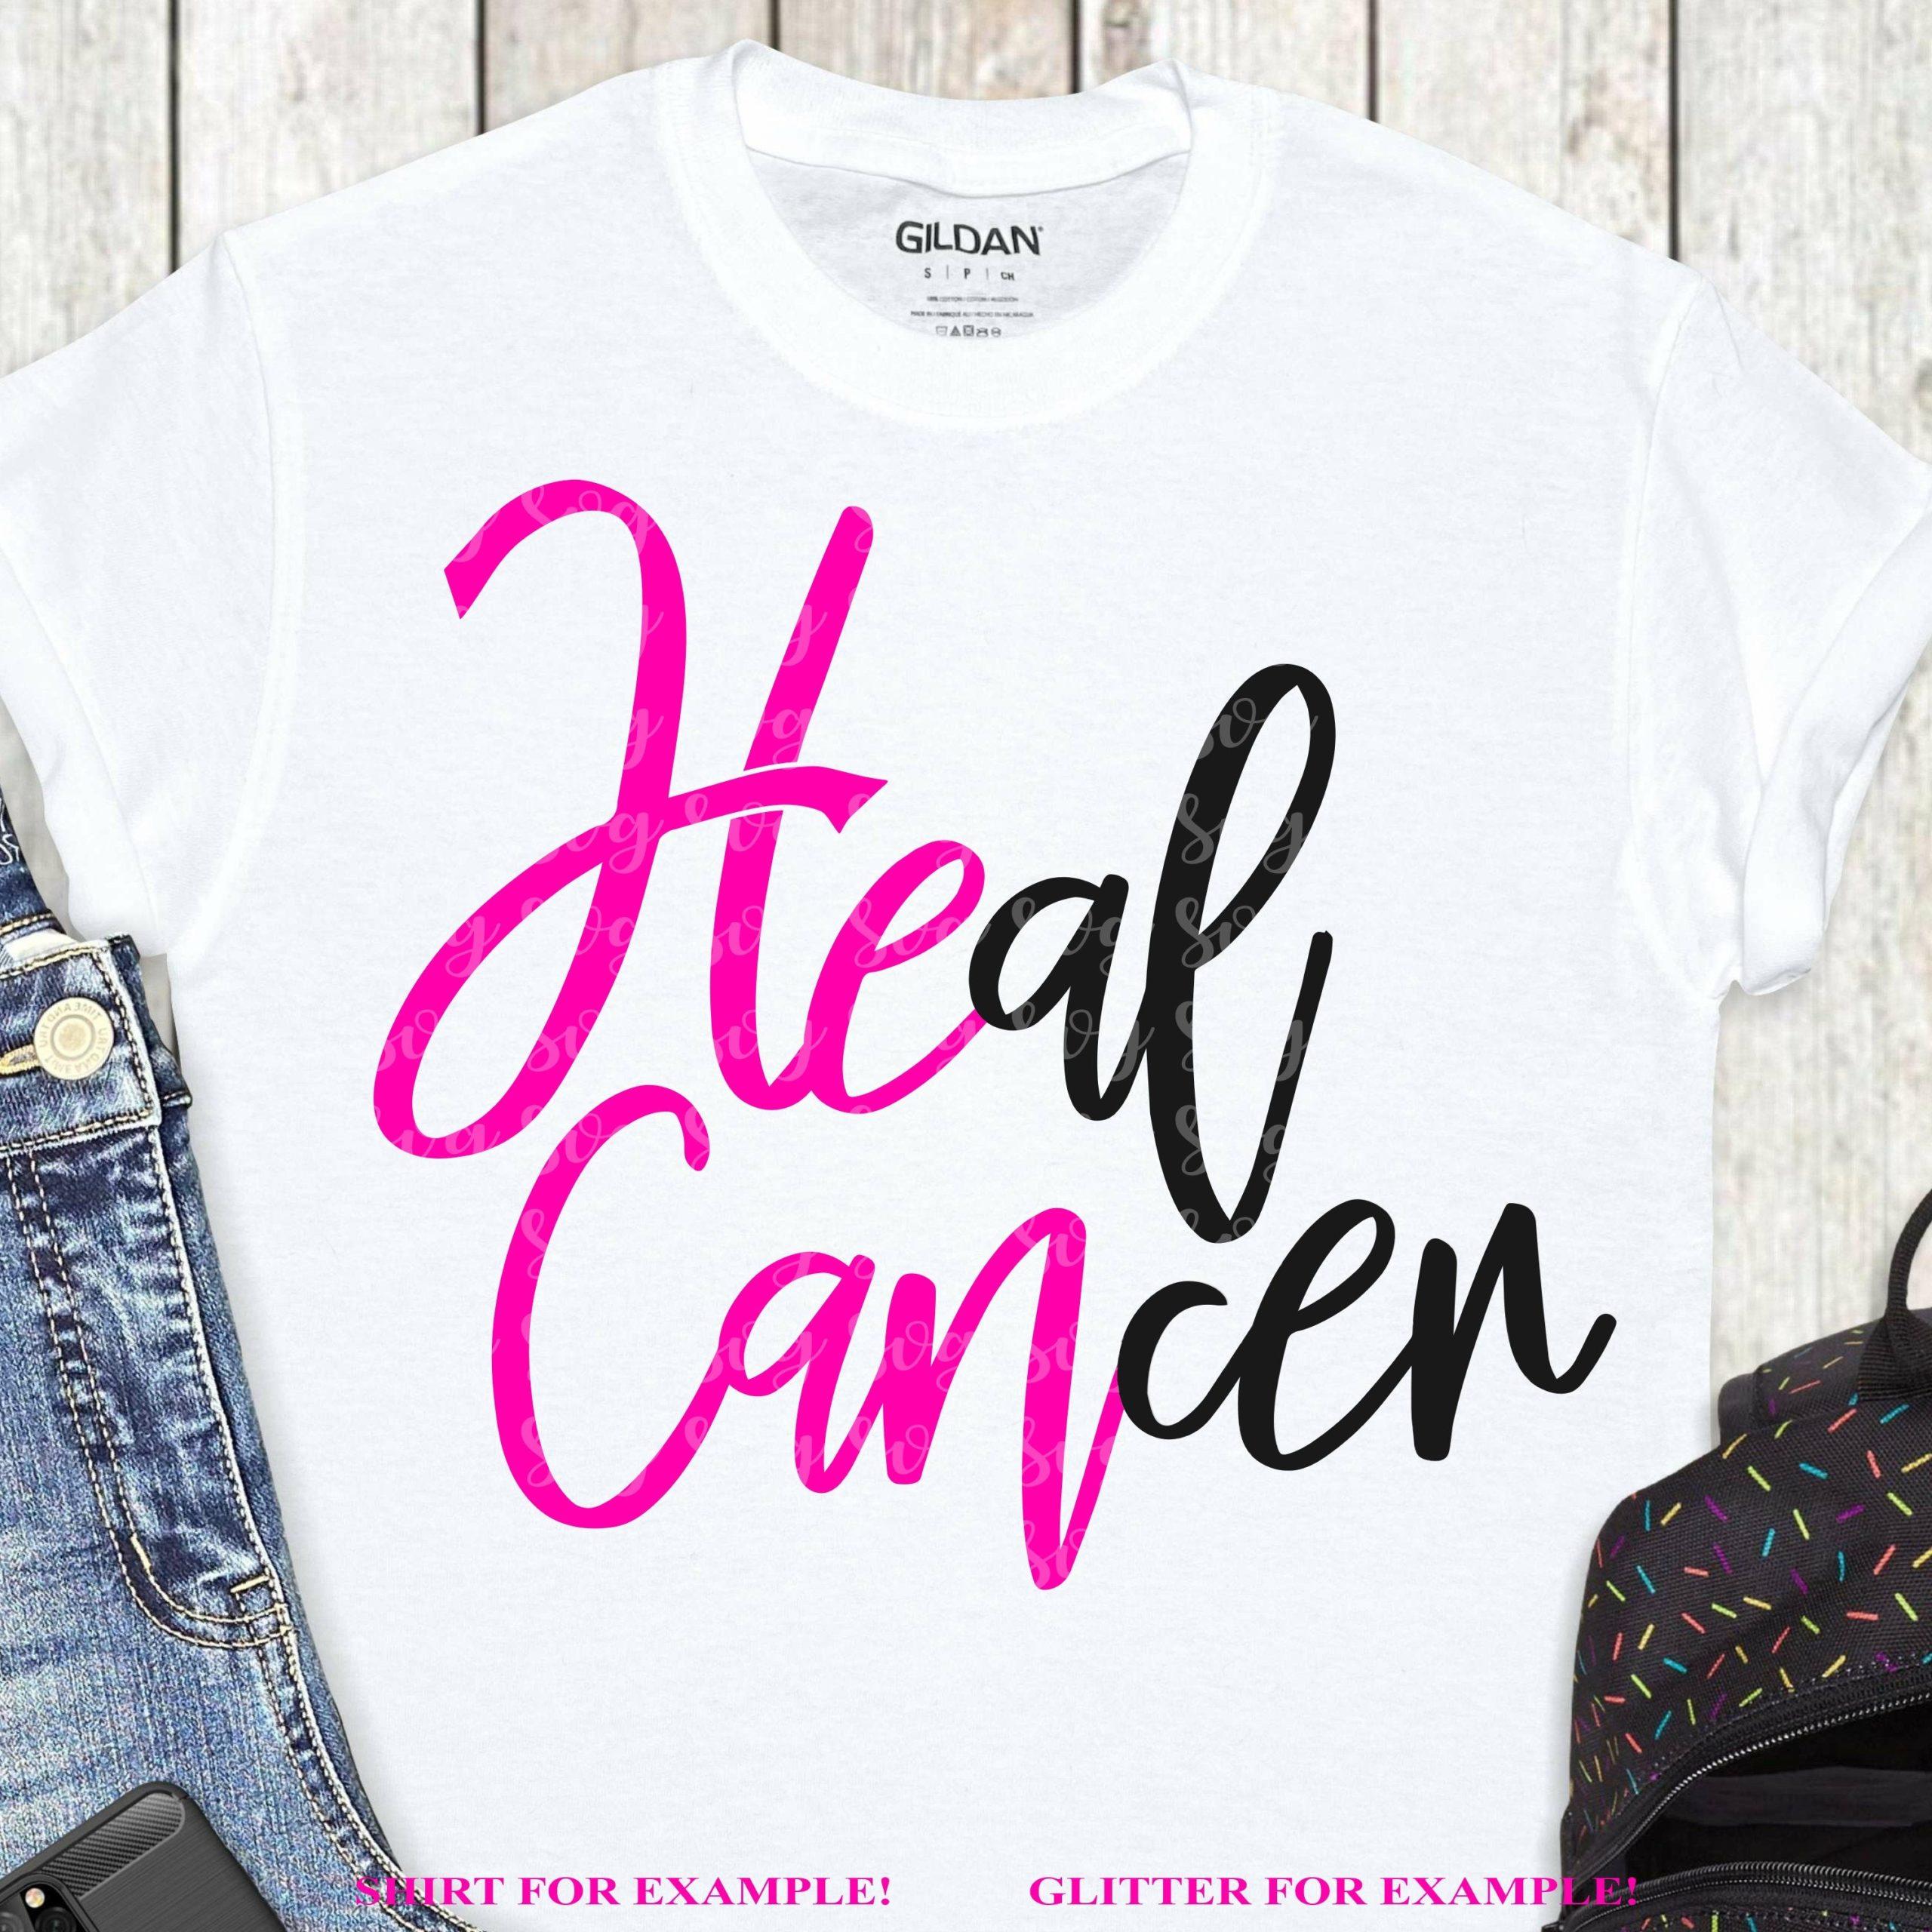 He-can-heal-cancer-svg-cancer-svg-cancer-svg-awareness-svgcancer-ribbon-svgshirt-svgsurvivor-svg-svg-for-cricut-silhouette-cut-file-5ef791de